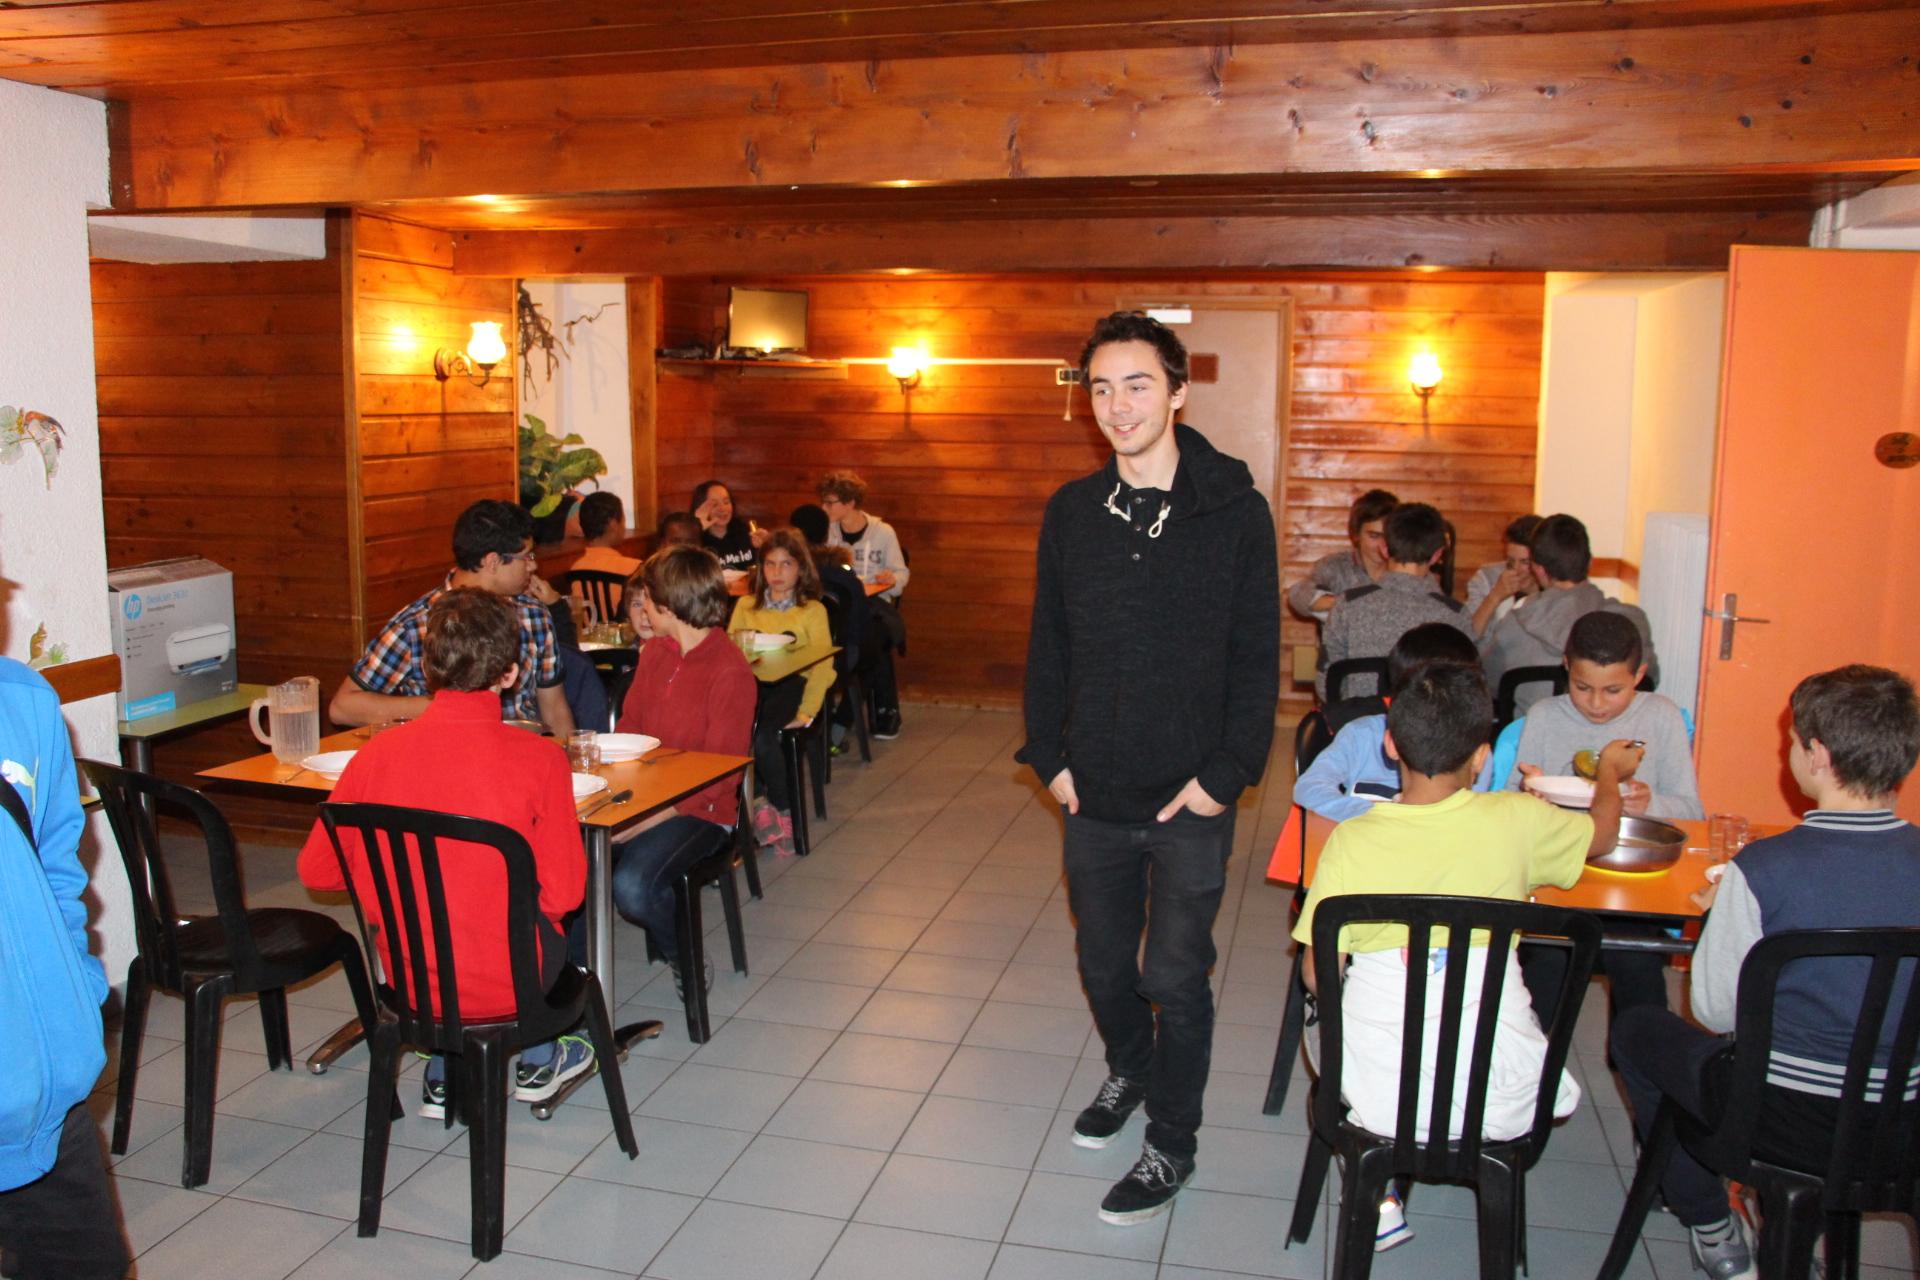 Tanguy et les jeunes au repas du soir